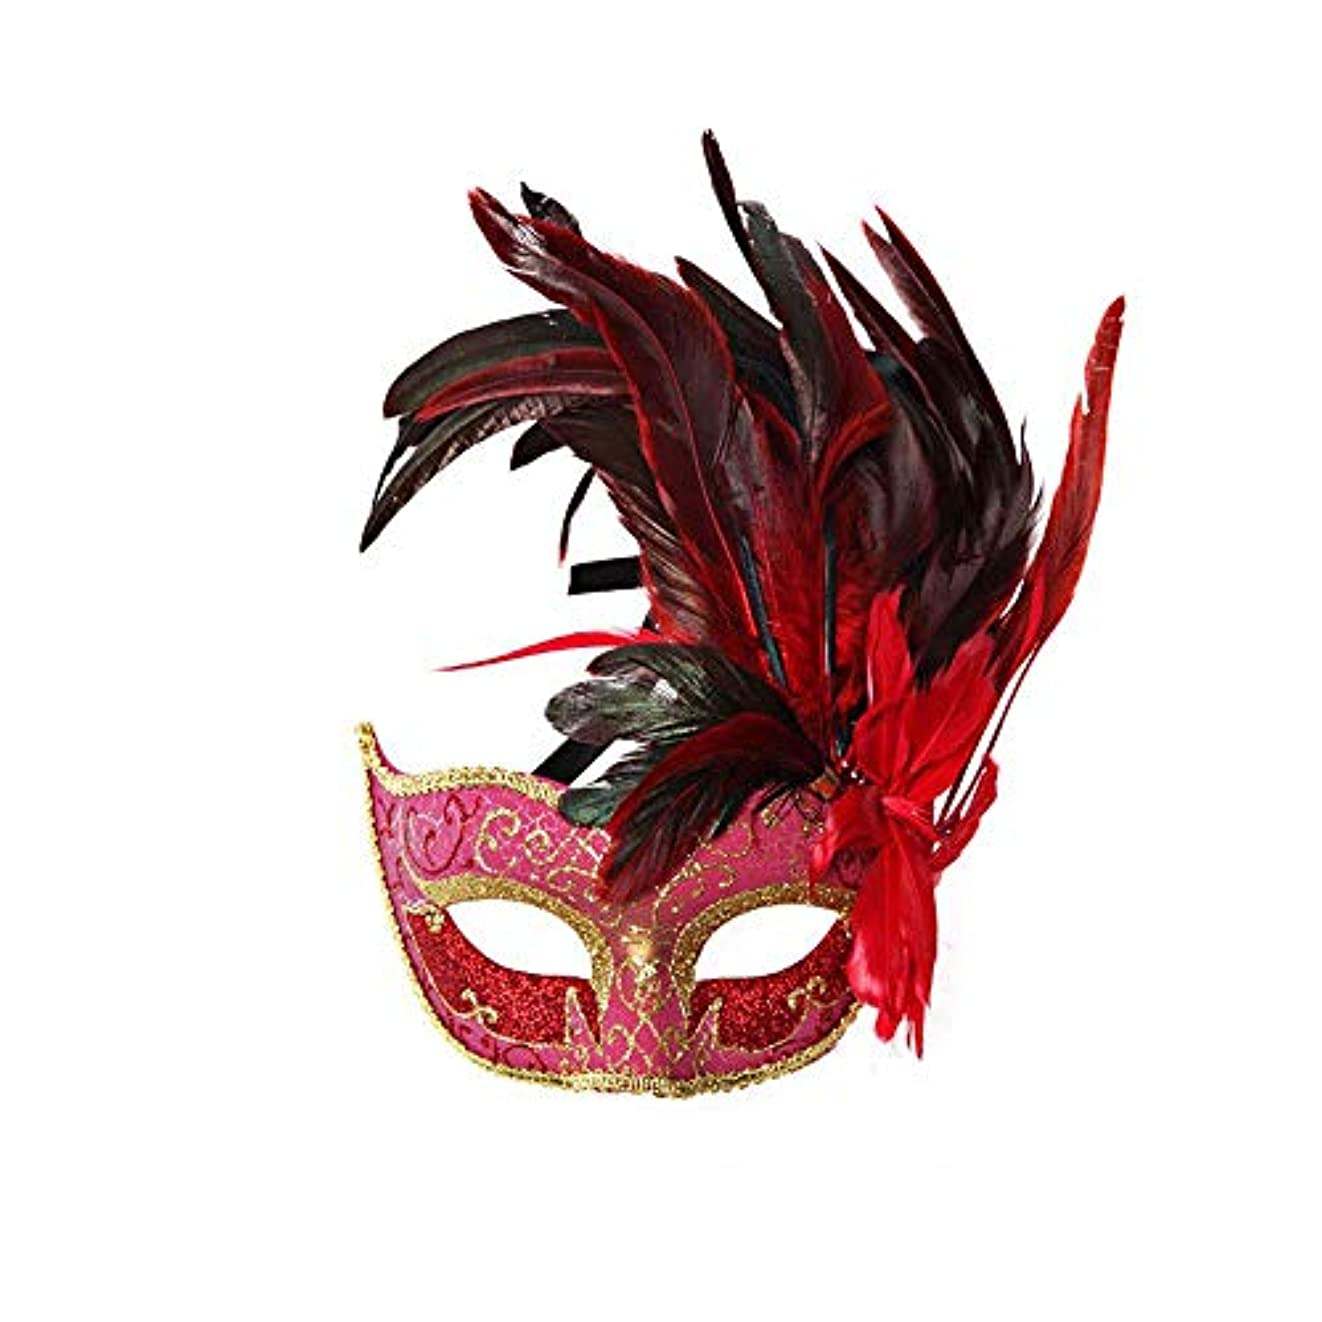 スポーツの試合を担当している人相対的基礎Nanle ハロウィンマスクハーフフェザーマスクベニスプリンセスマスク美容レース仮面ライダーコスプレ (色 : Style A red)